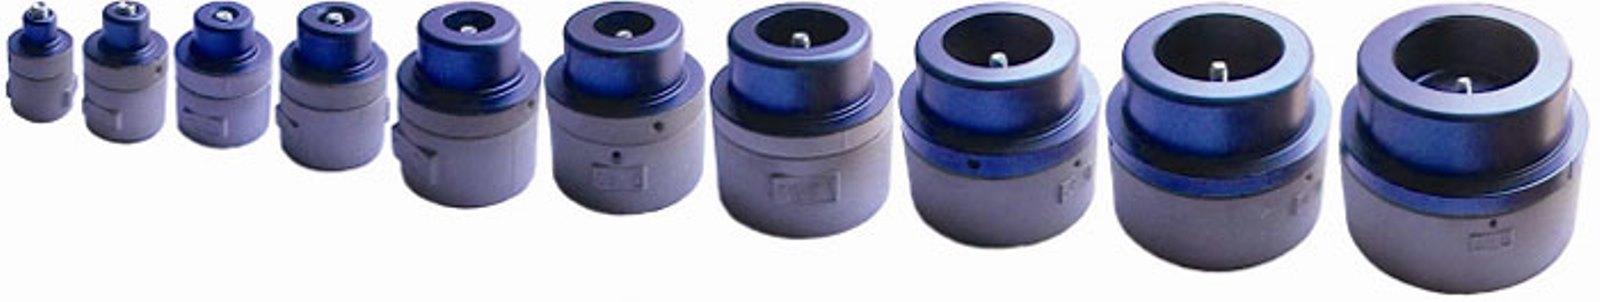 Насадка парная для аппарата для сварки труб, 40 мм. Dytron 02331